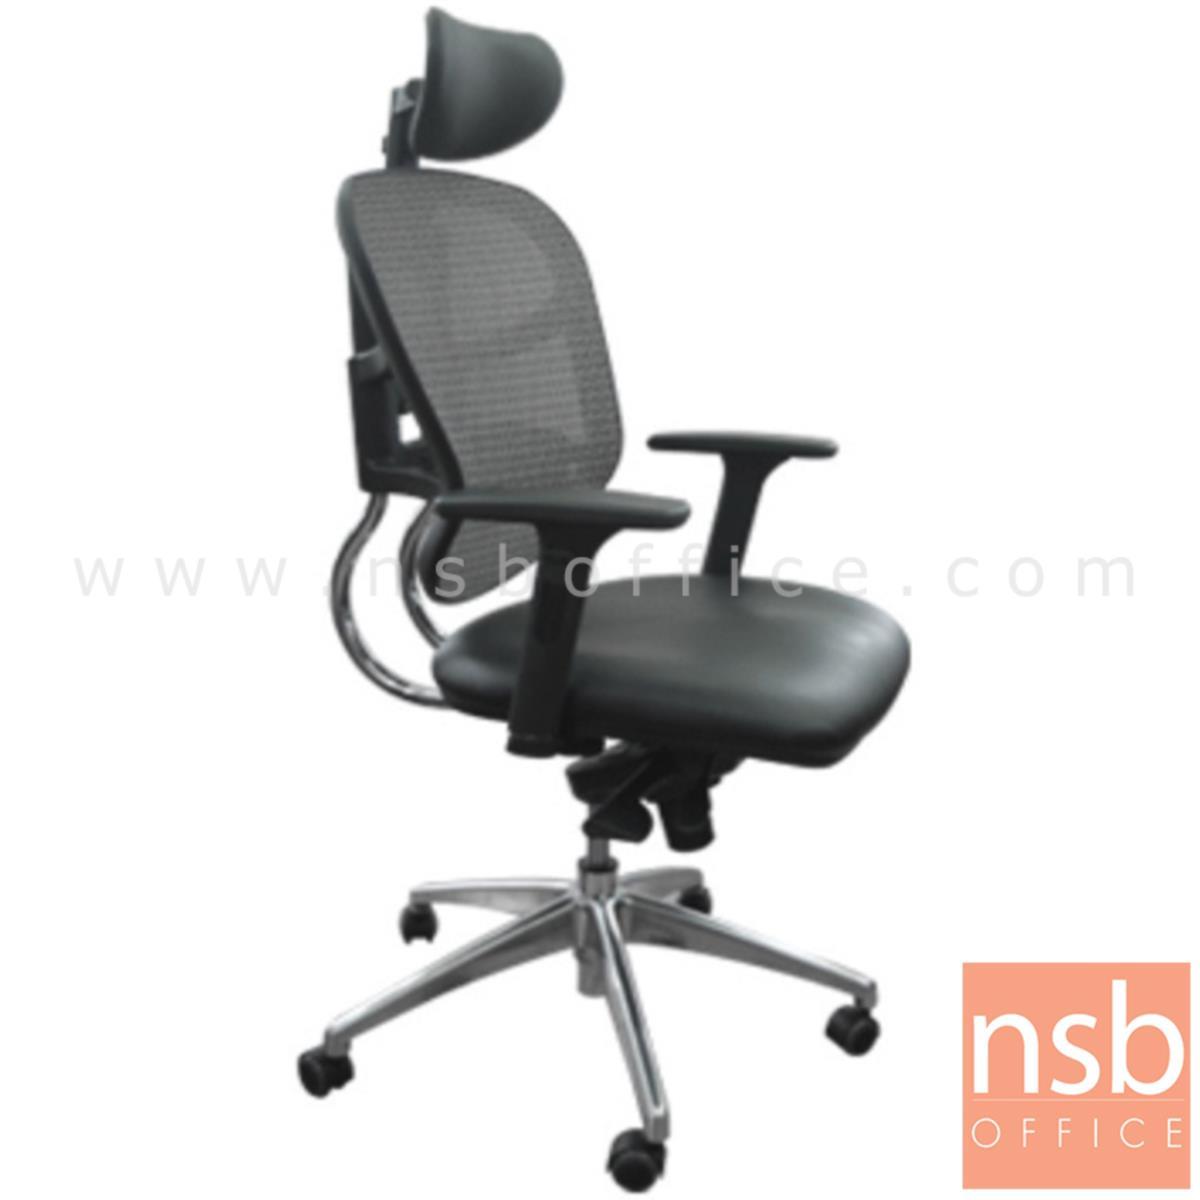 B24A131:เก้าอี้ผู้บริหารหลังเน็ต รุ่น Ellesse  โช๊คแก๊ส มีก้อนโยก ขาเหล็กชุบโครเมี่ยม